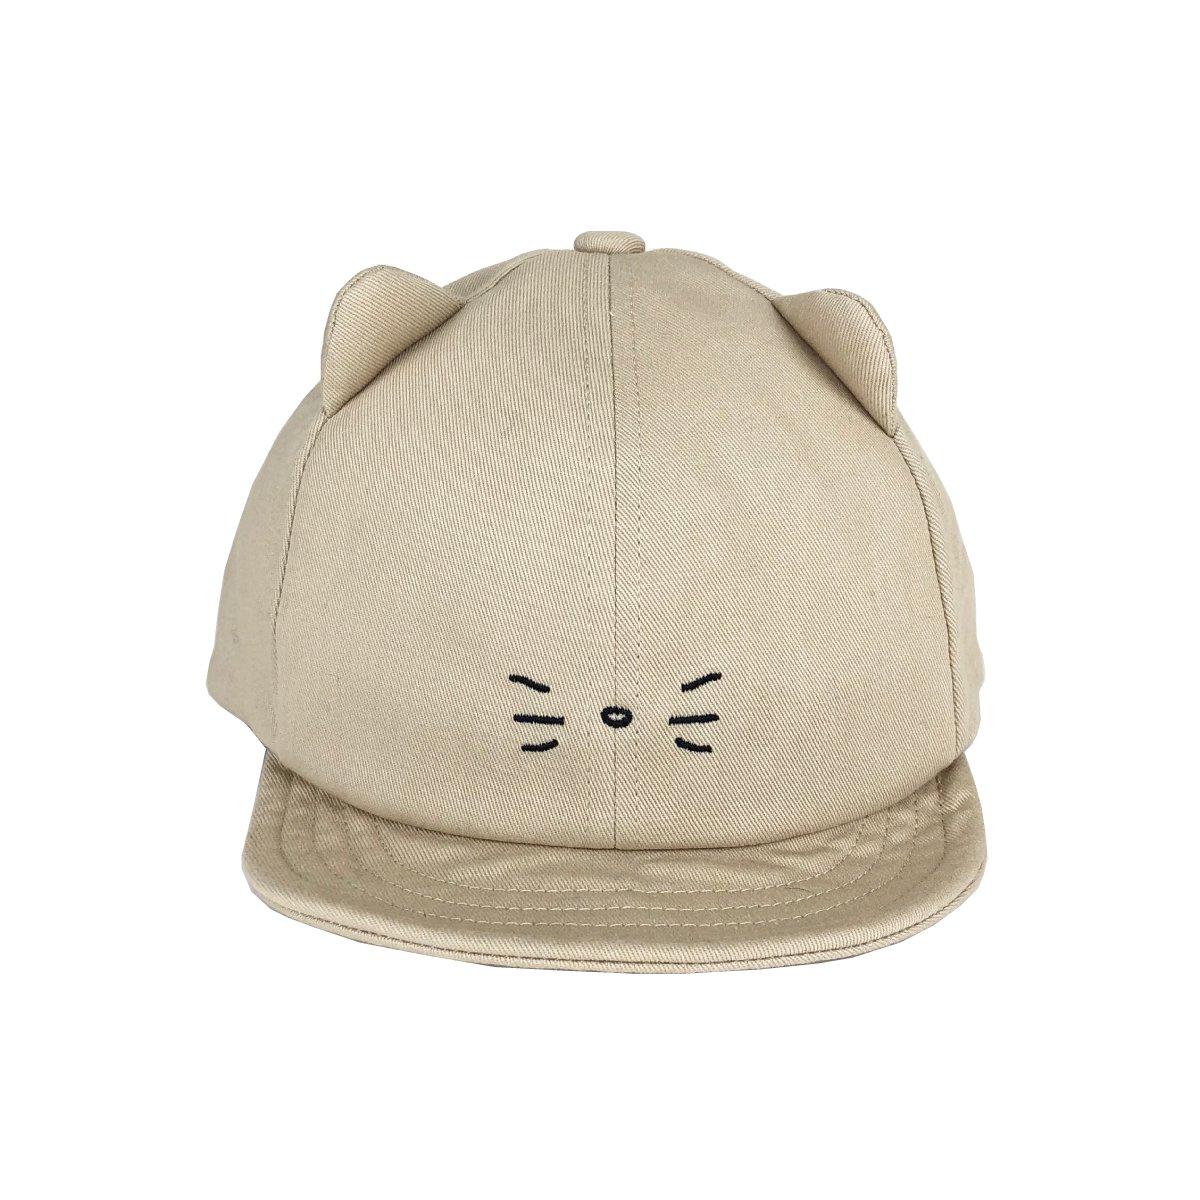 【KIDS】Cat Ear Cap 詳細画像5